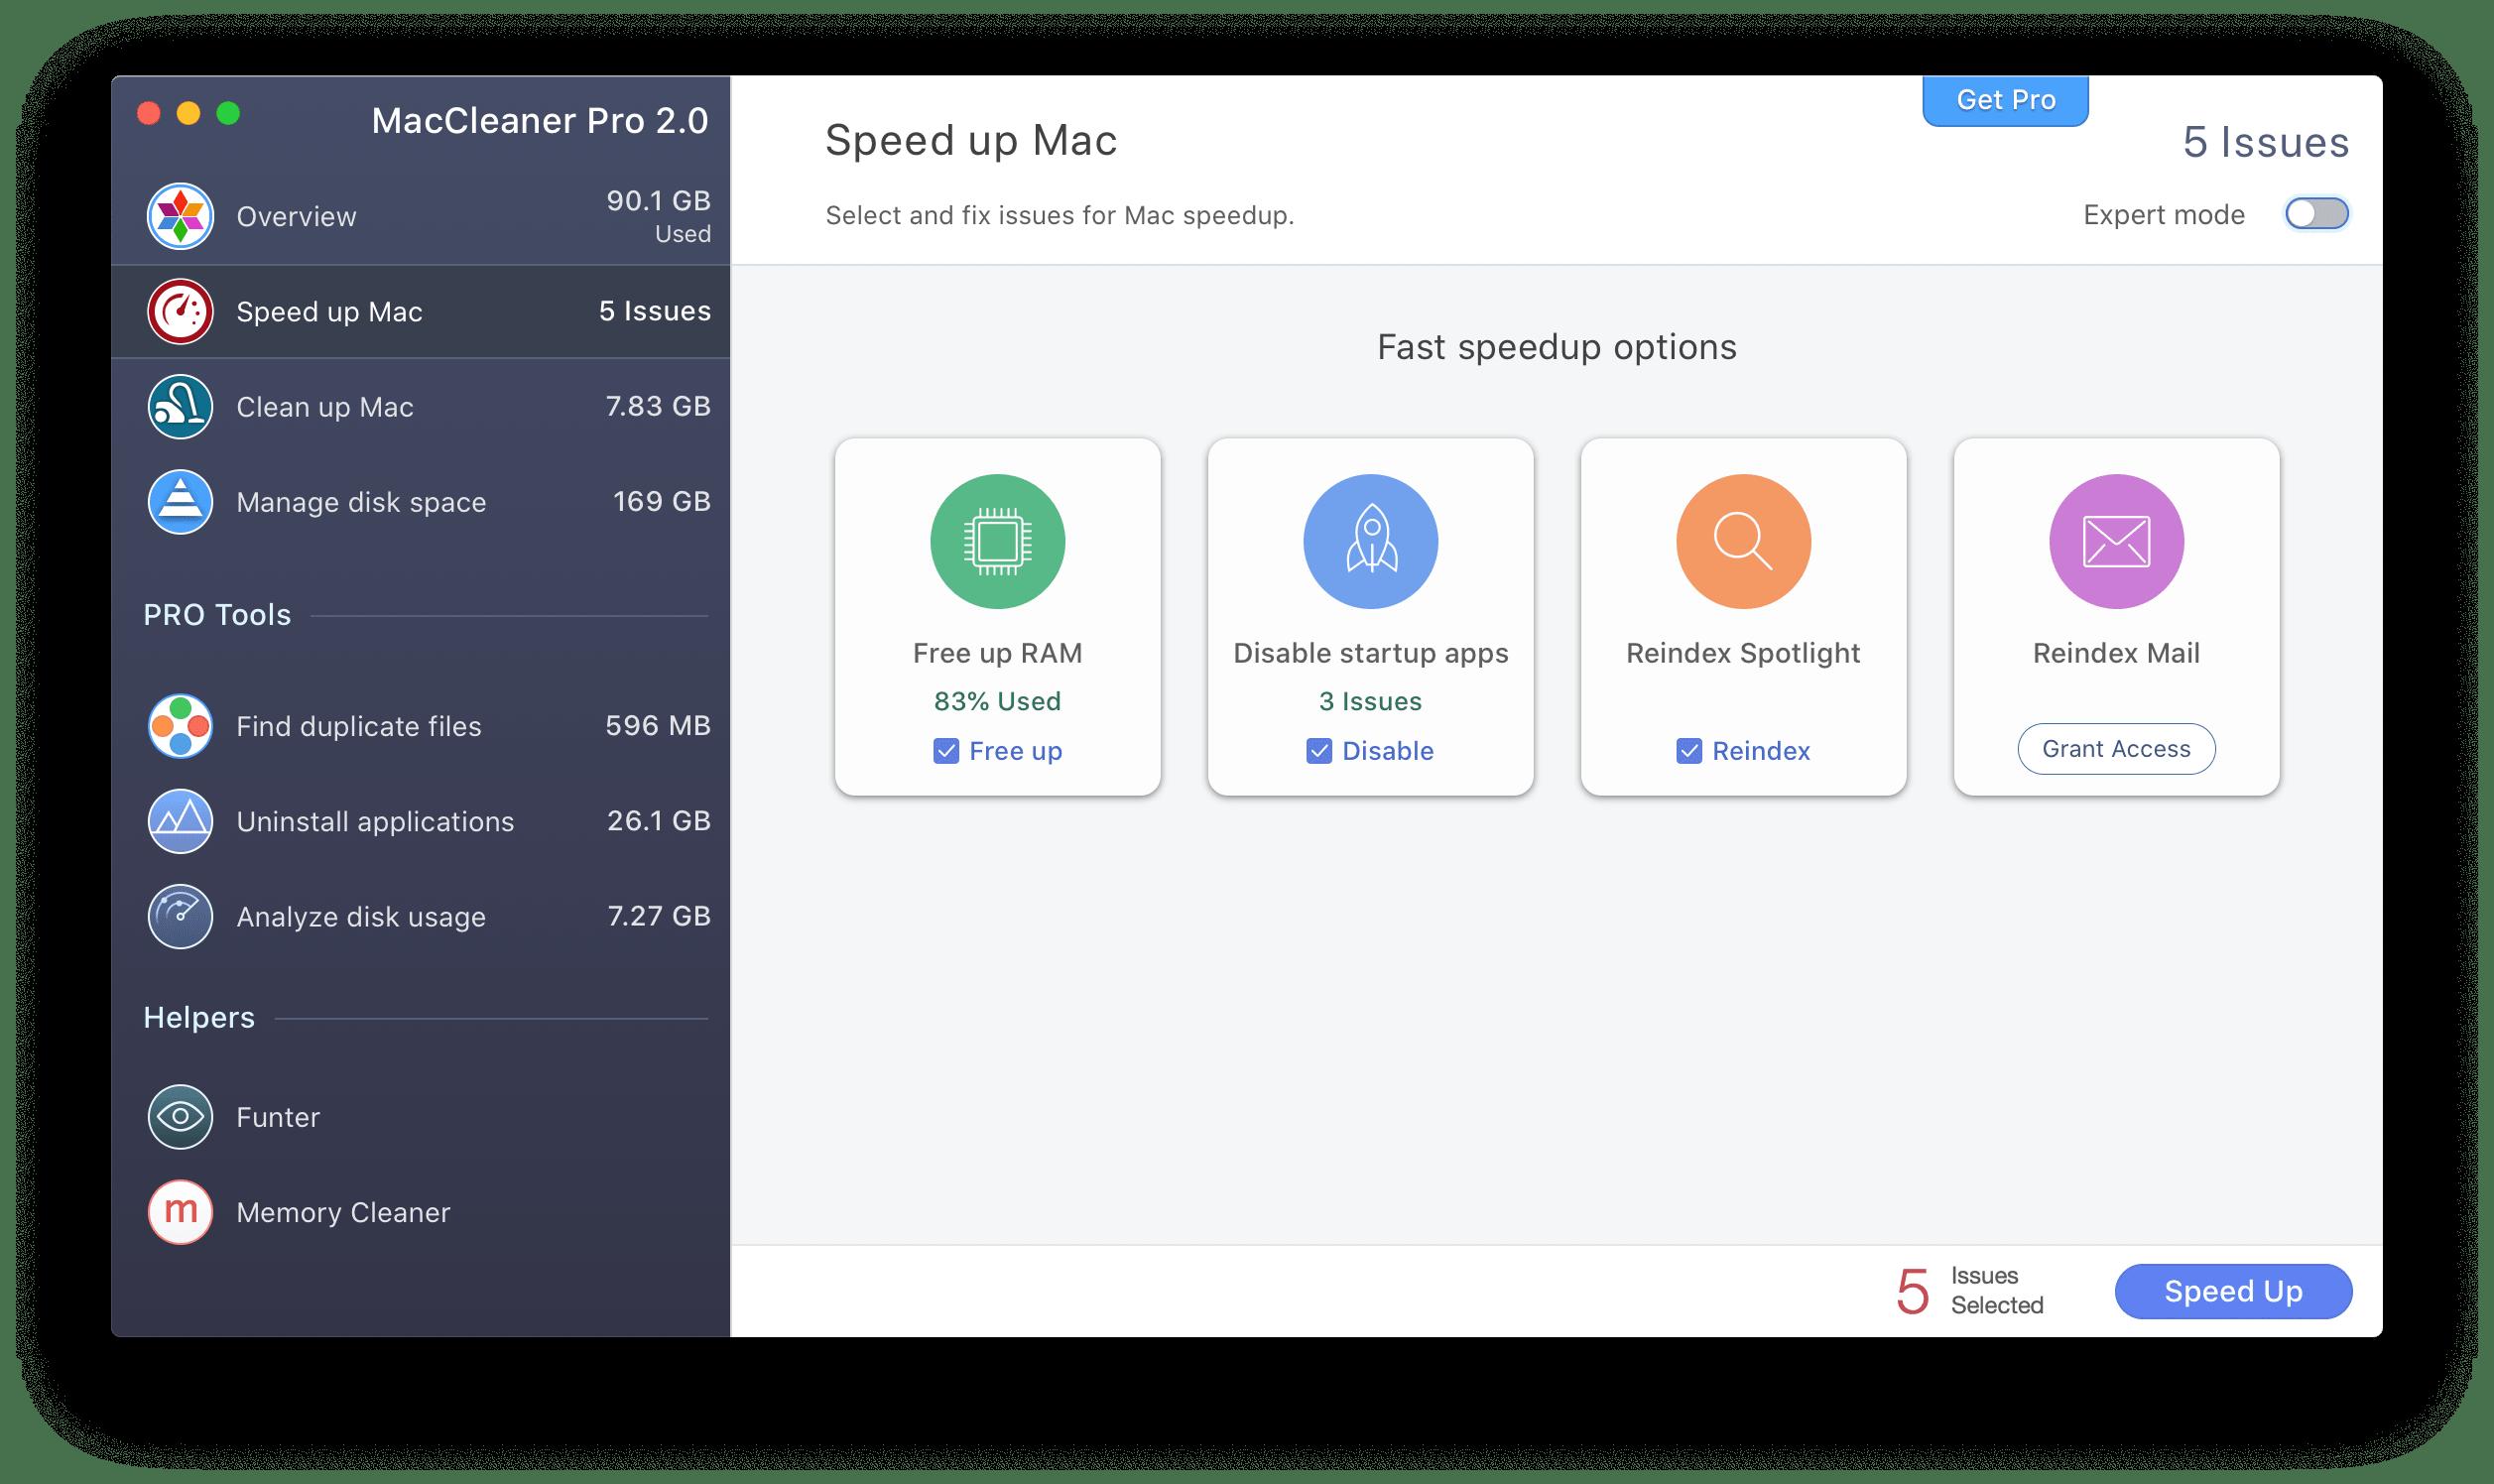 Приложение MacCleaner Pro показывающее вкладку Speed up Mac